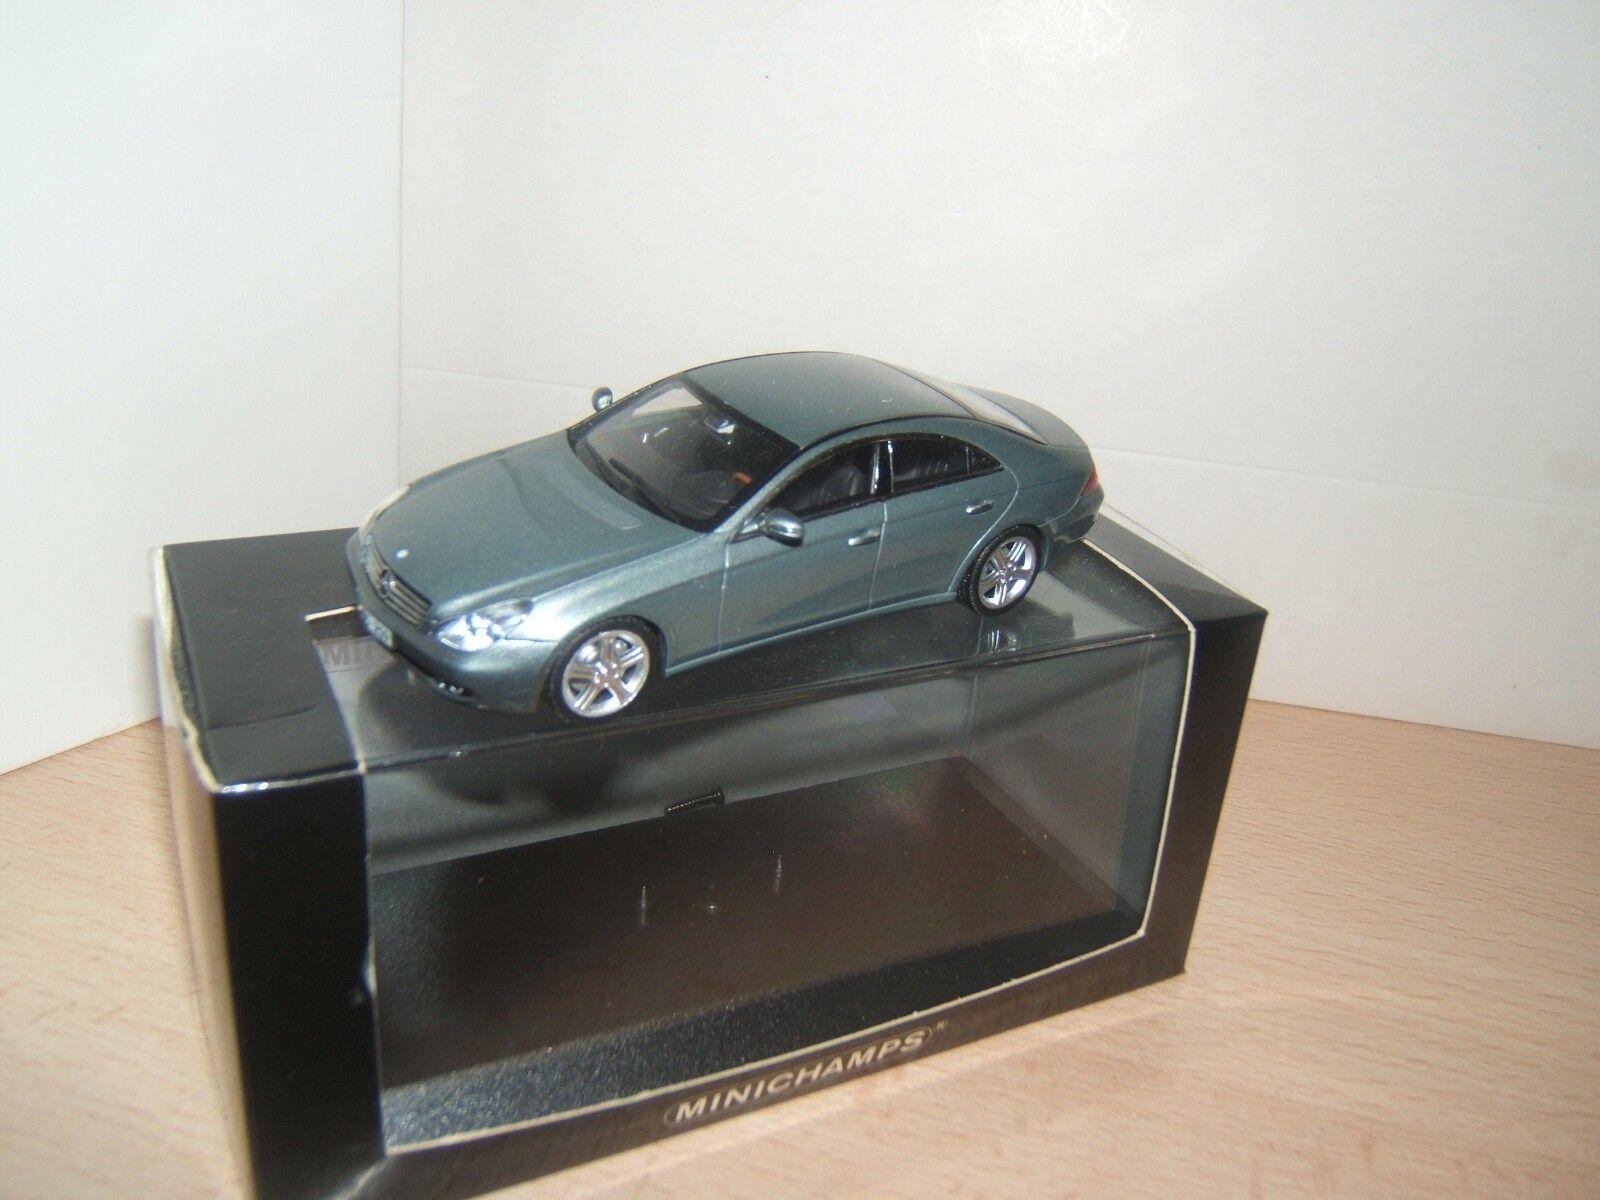 Mercedes benz cls class  1 43 minichamps  jusqu'à 50% de réduction